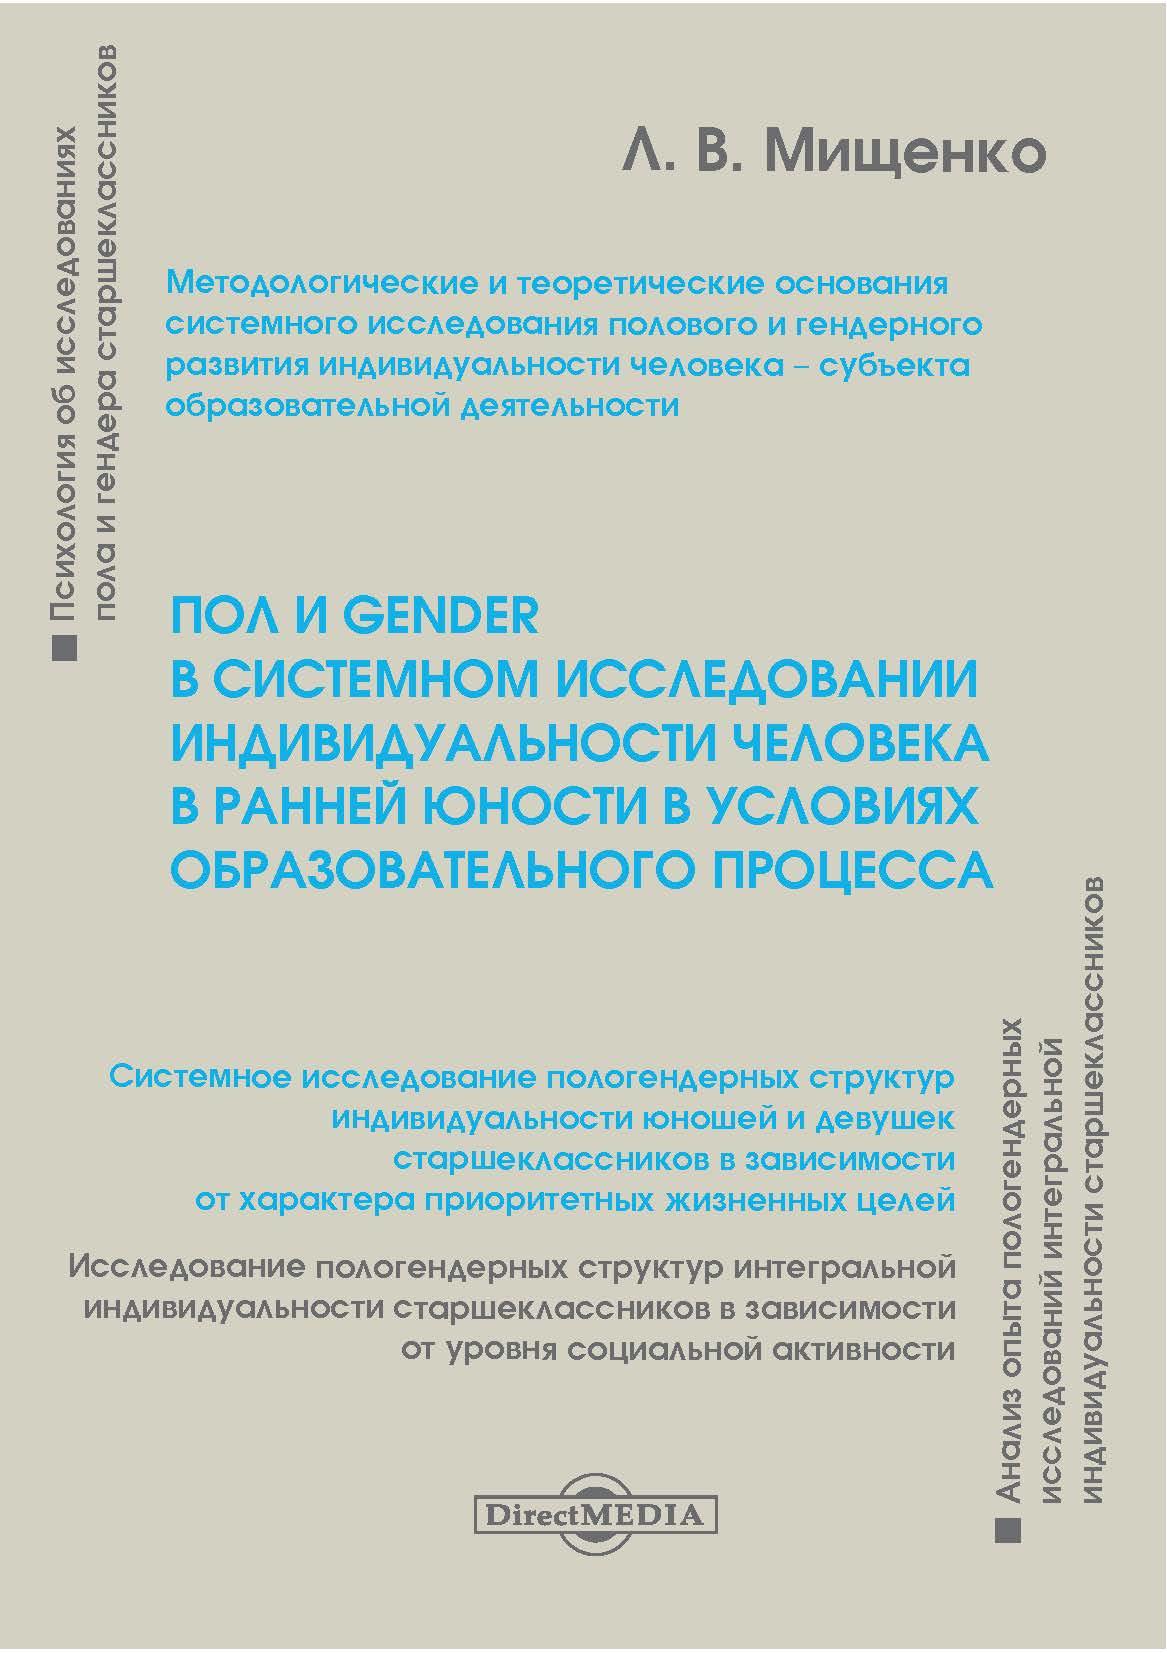 Любовь Мищенко Пол и gender в системном исследовании индивидуальности человека в ранней юности в условиях образовательного процесса